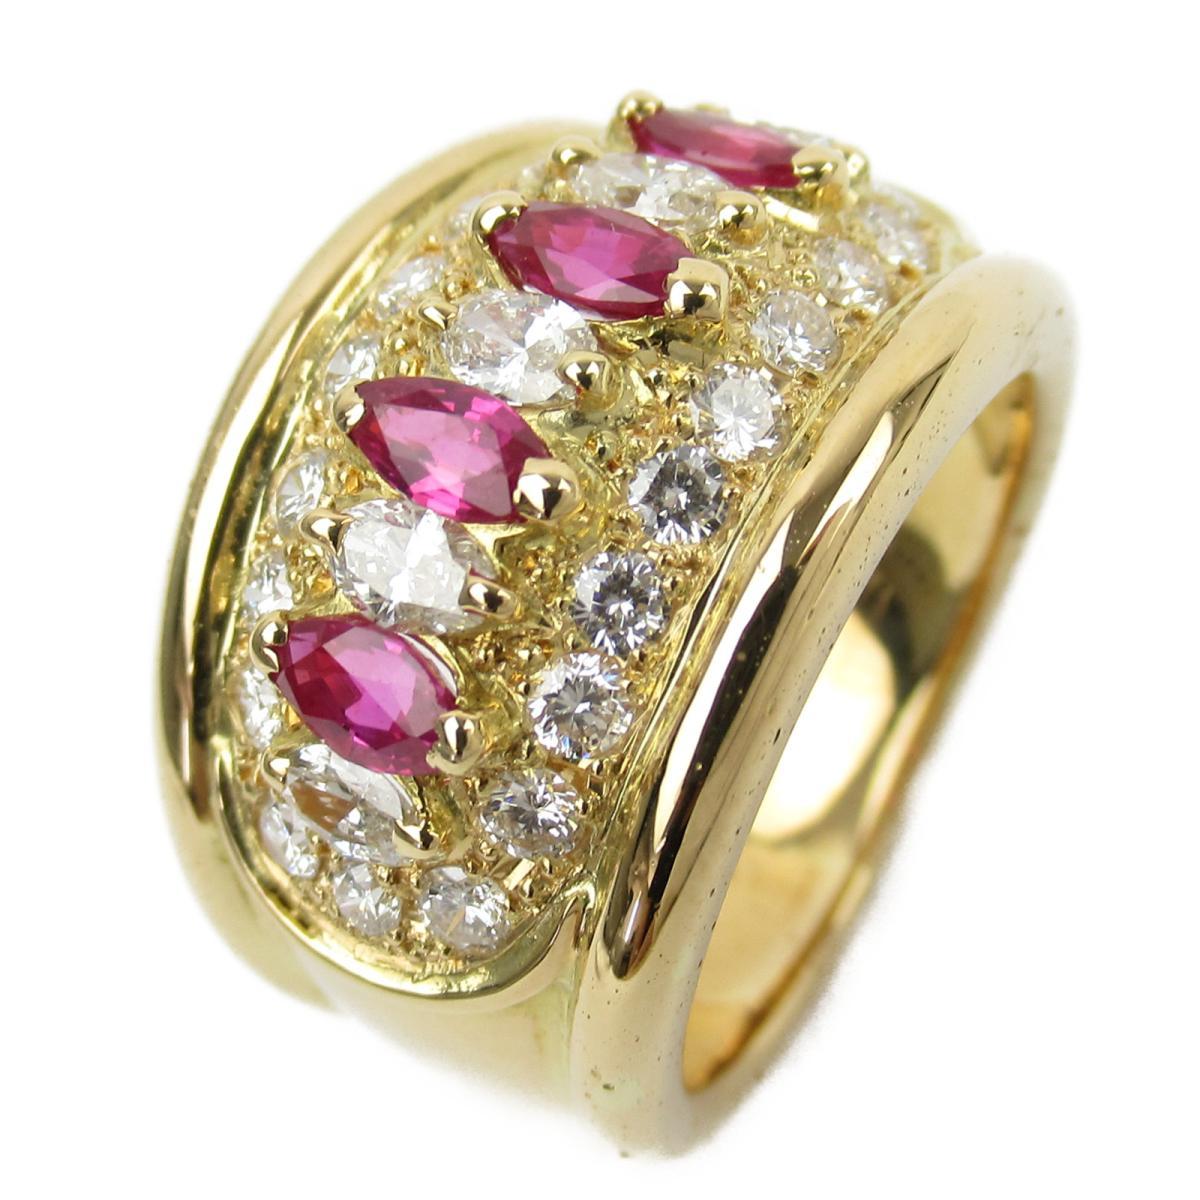 ジュエリー ルビー ダイヤモンド リング 指輪 ノーブランドジュエリー レディース K18YG (750) イエローゴールド x ルビー0.68/ダイヤモンド0.88ct 【中古】 | JEWELRY BRANDOFF ブランドオフ アクセサリー